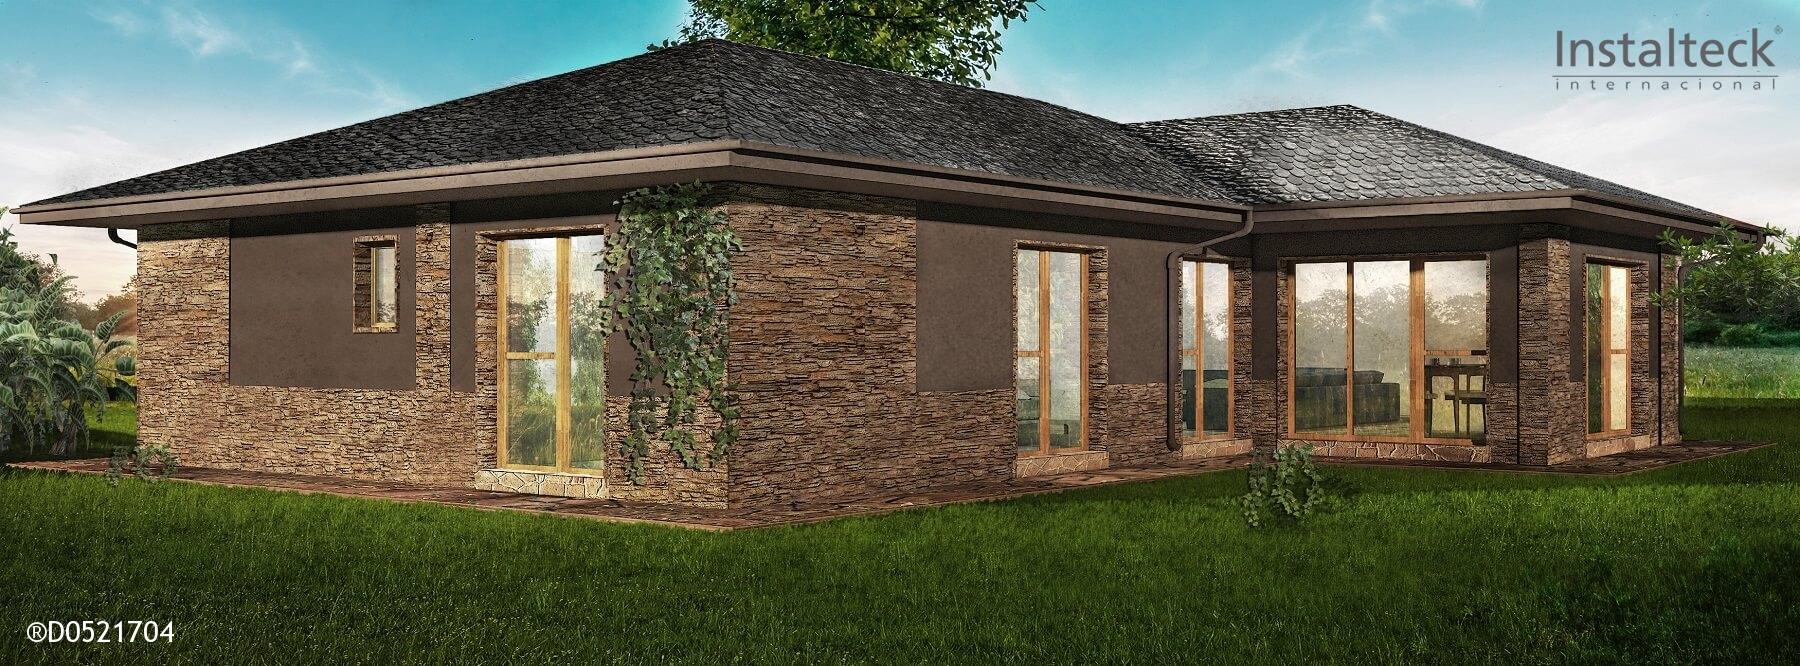 Casa prefabricada in teck 186 instalteckinstalteck - Modelos casa prefabricadas ...